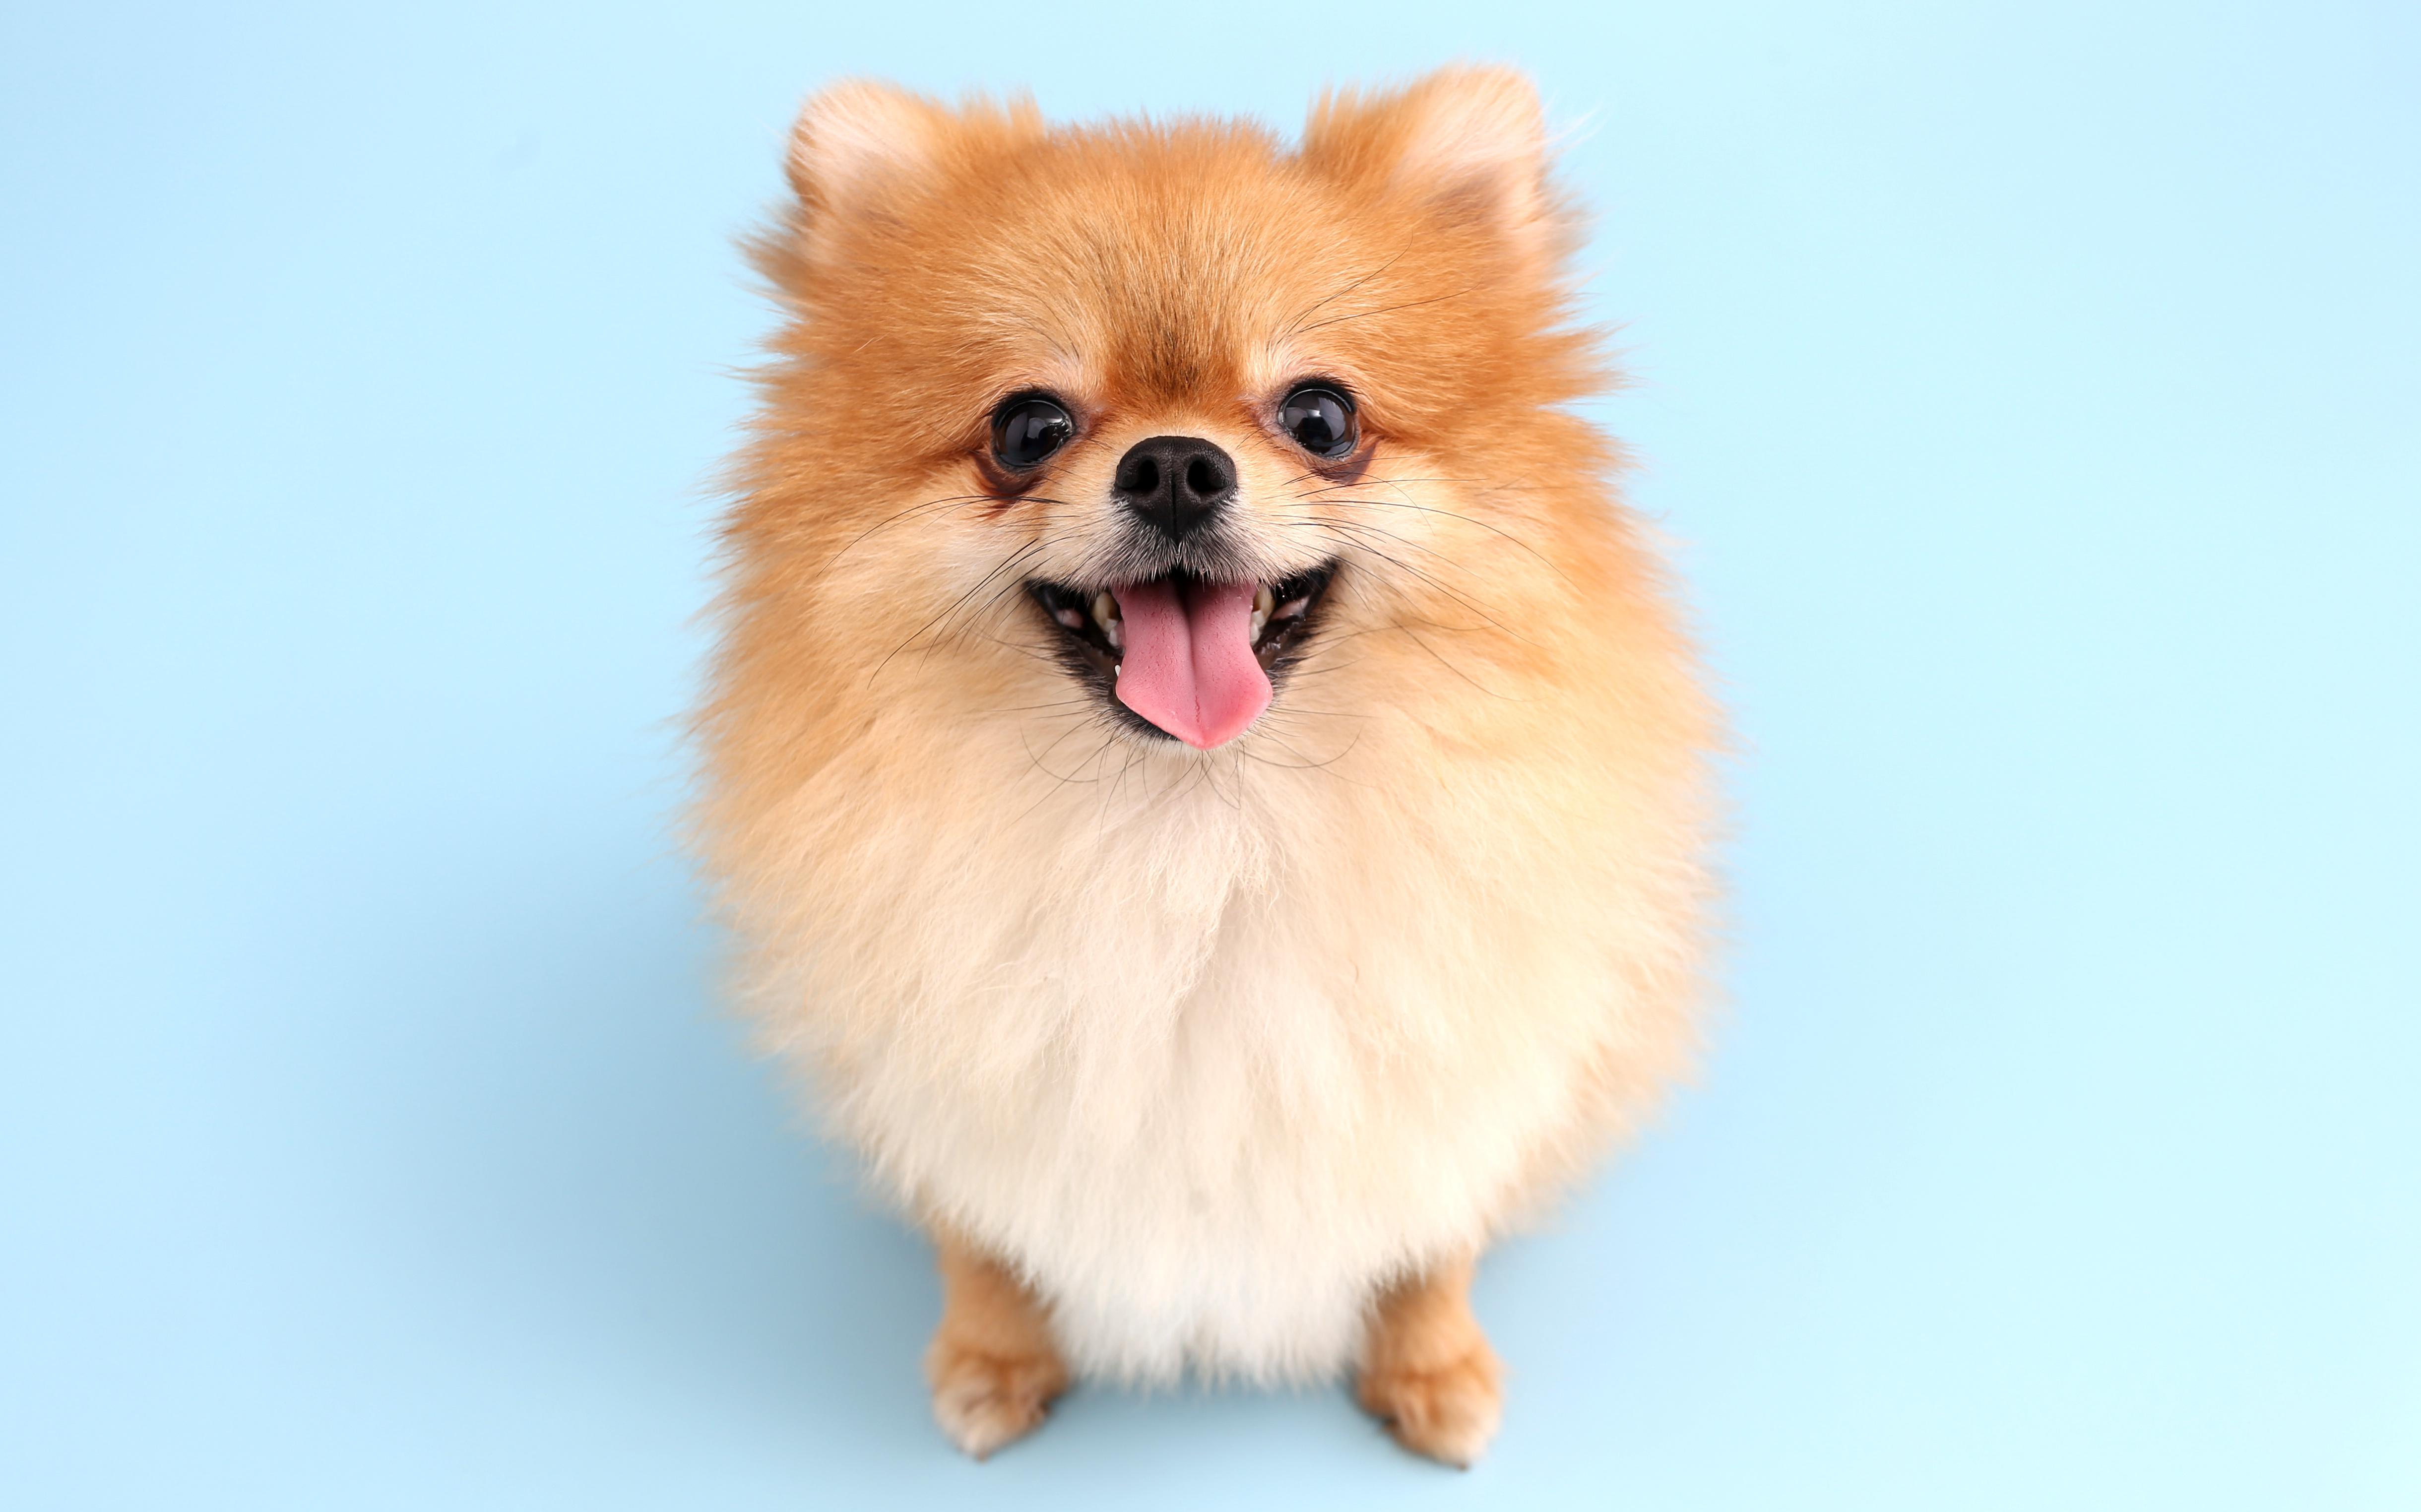 ポメラニアンの特徴や性格、飼い方について